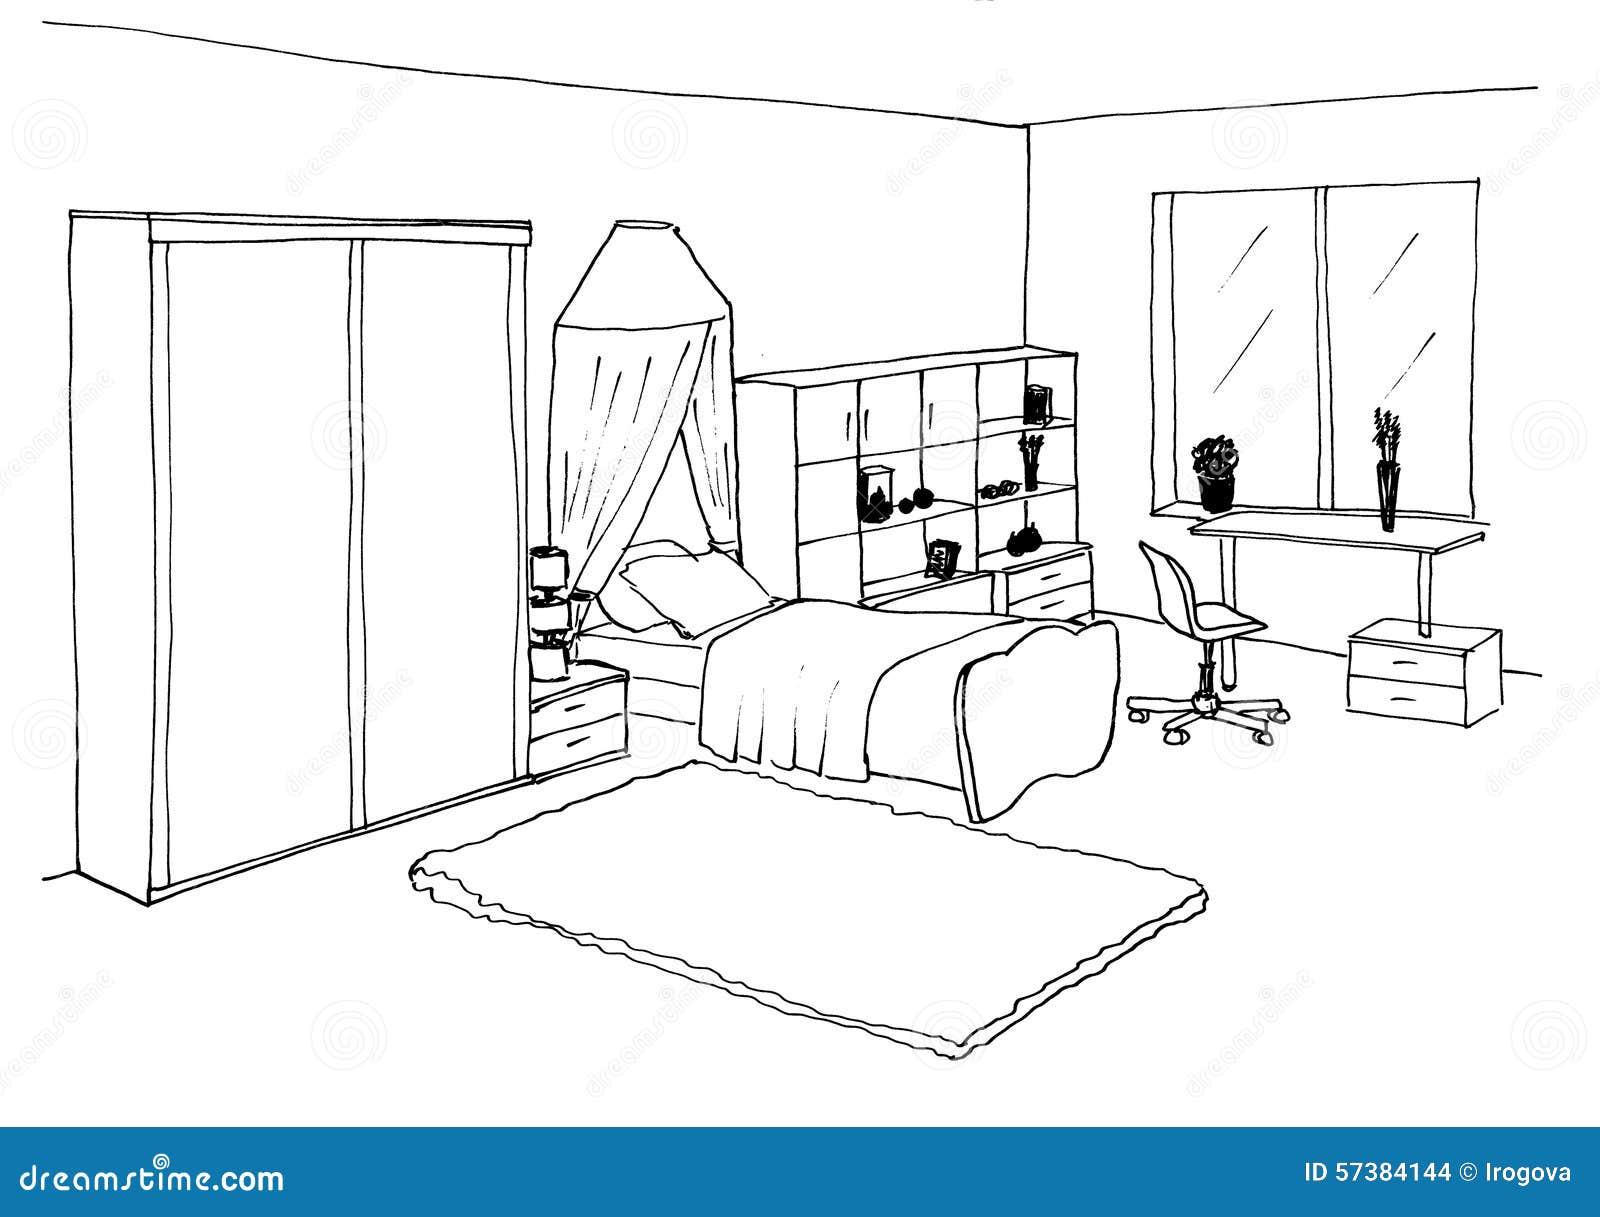 Нарисованная детская комната с мебелью